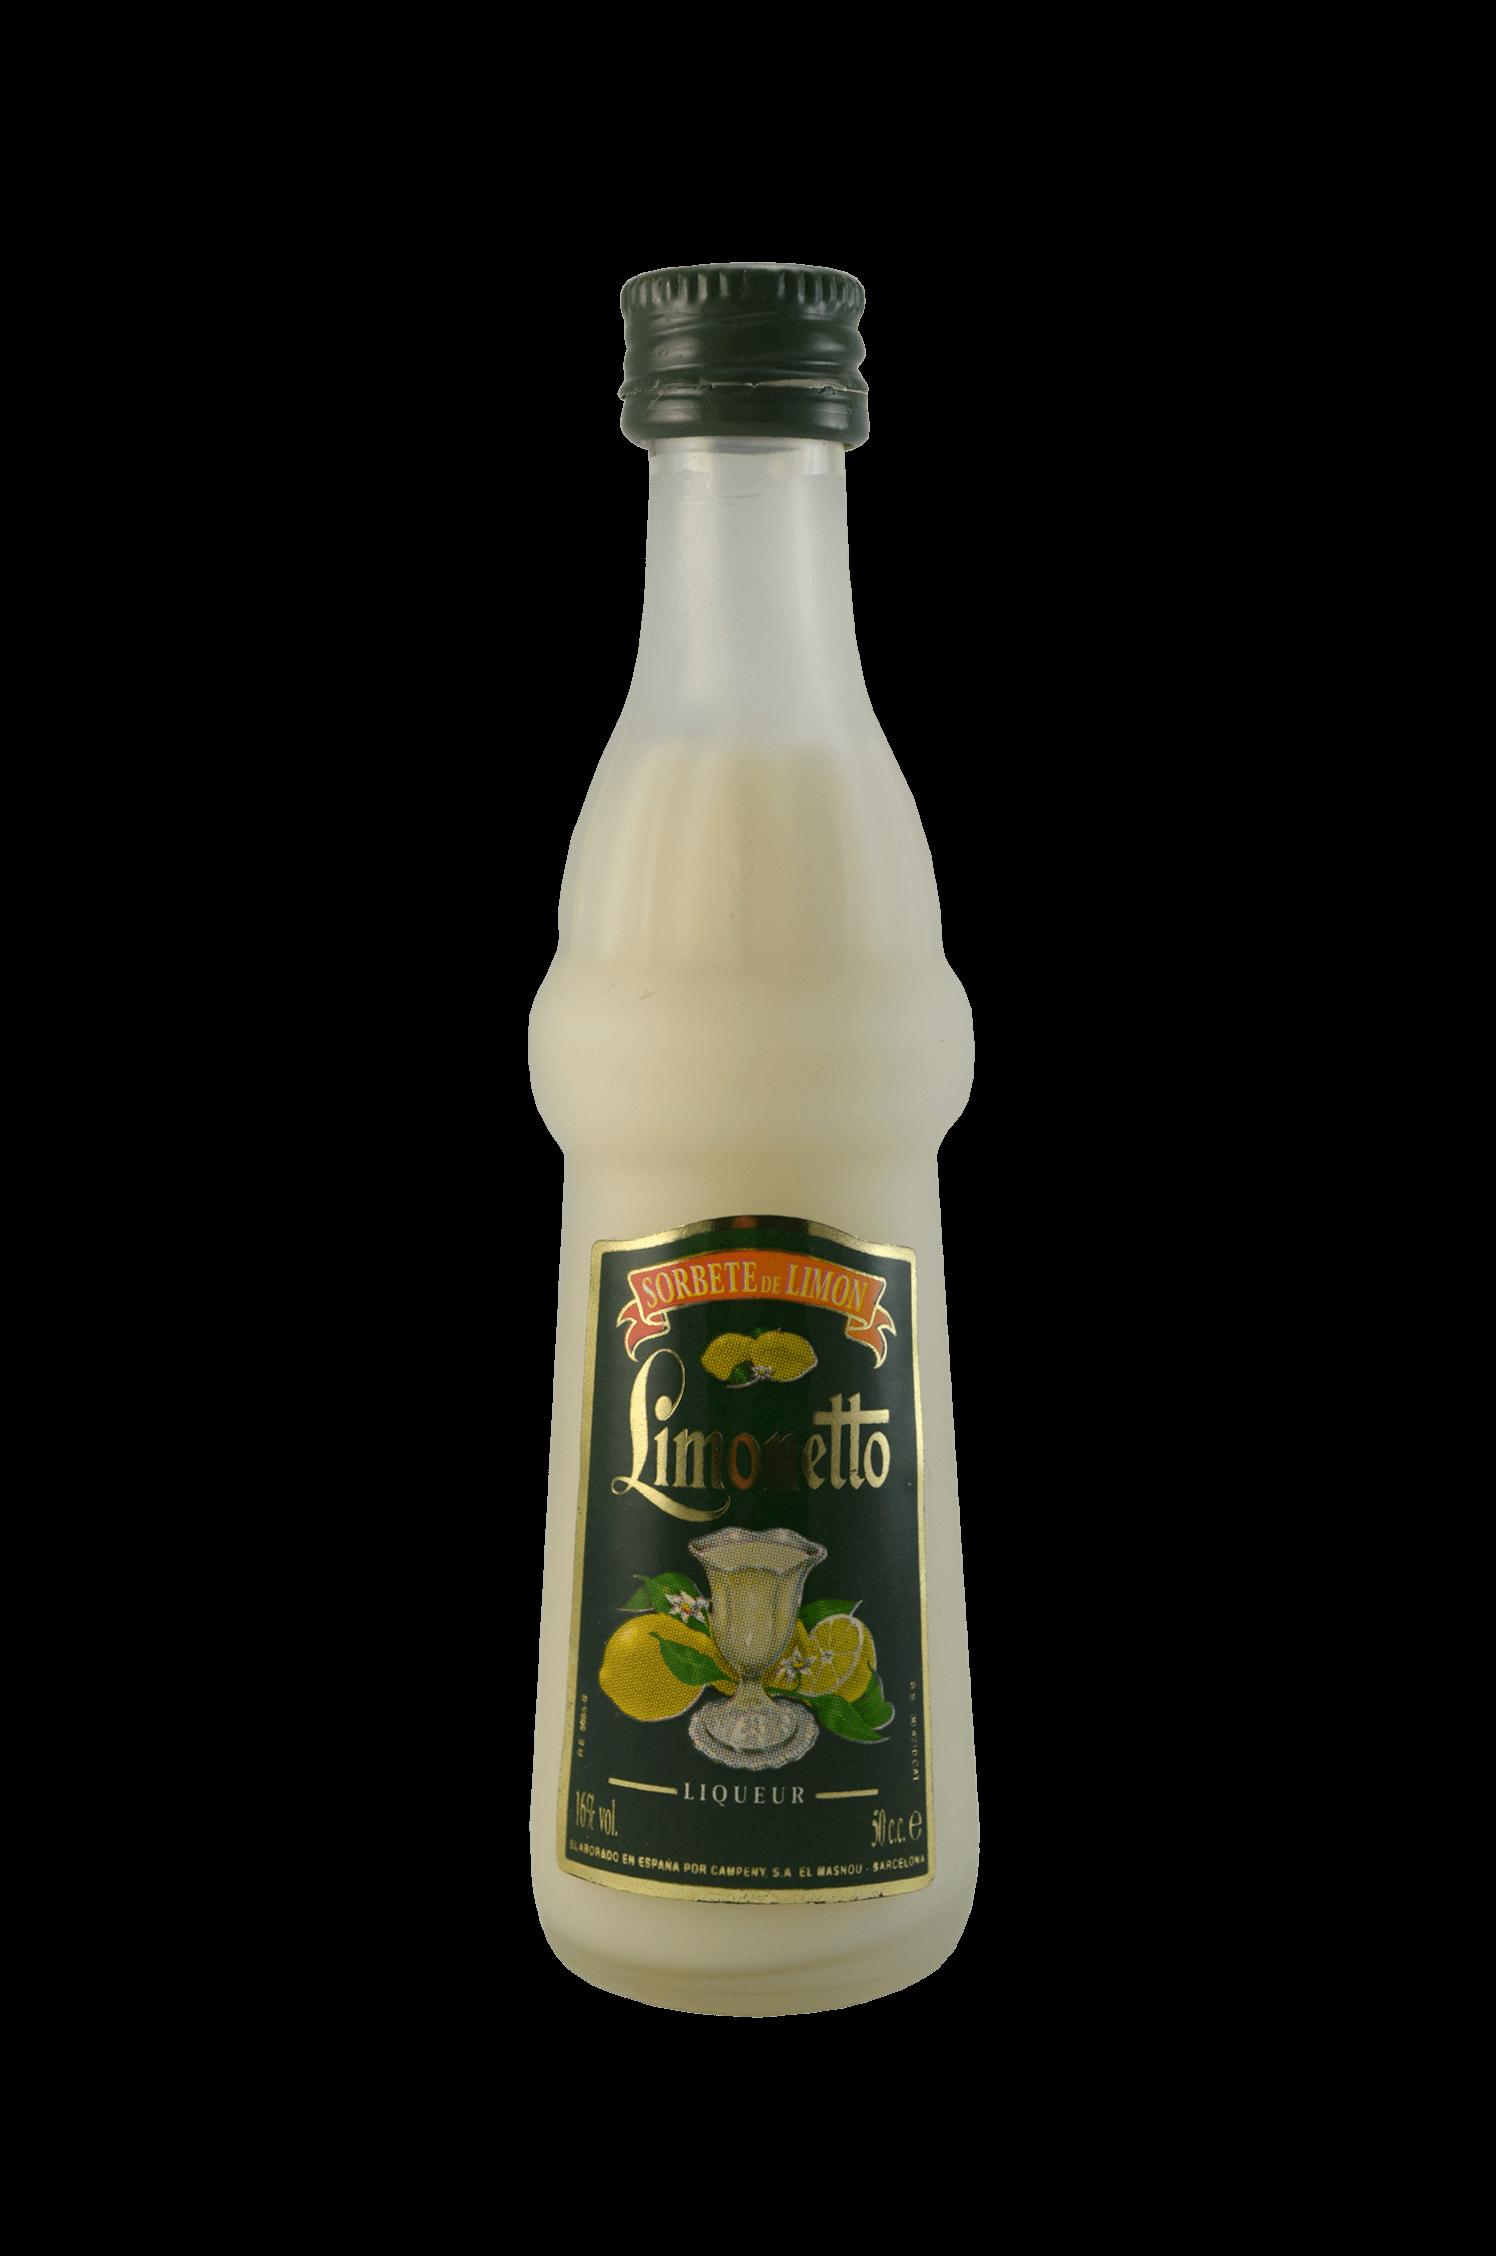 Limonetto Liqueur